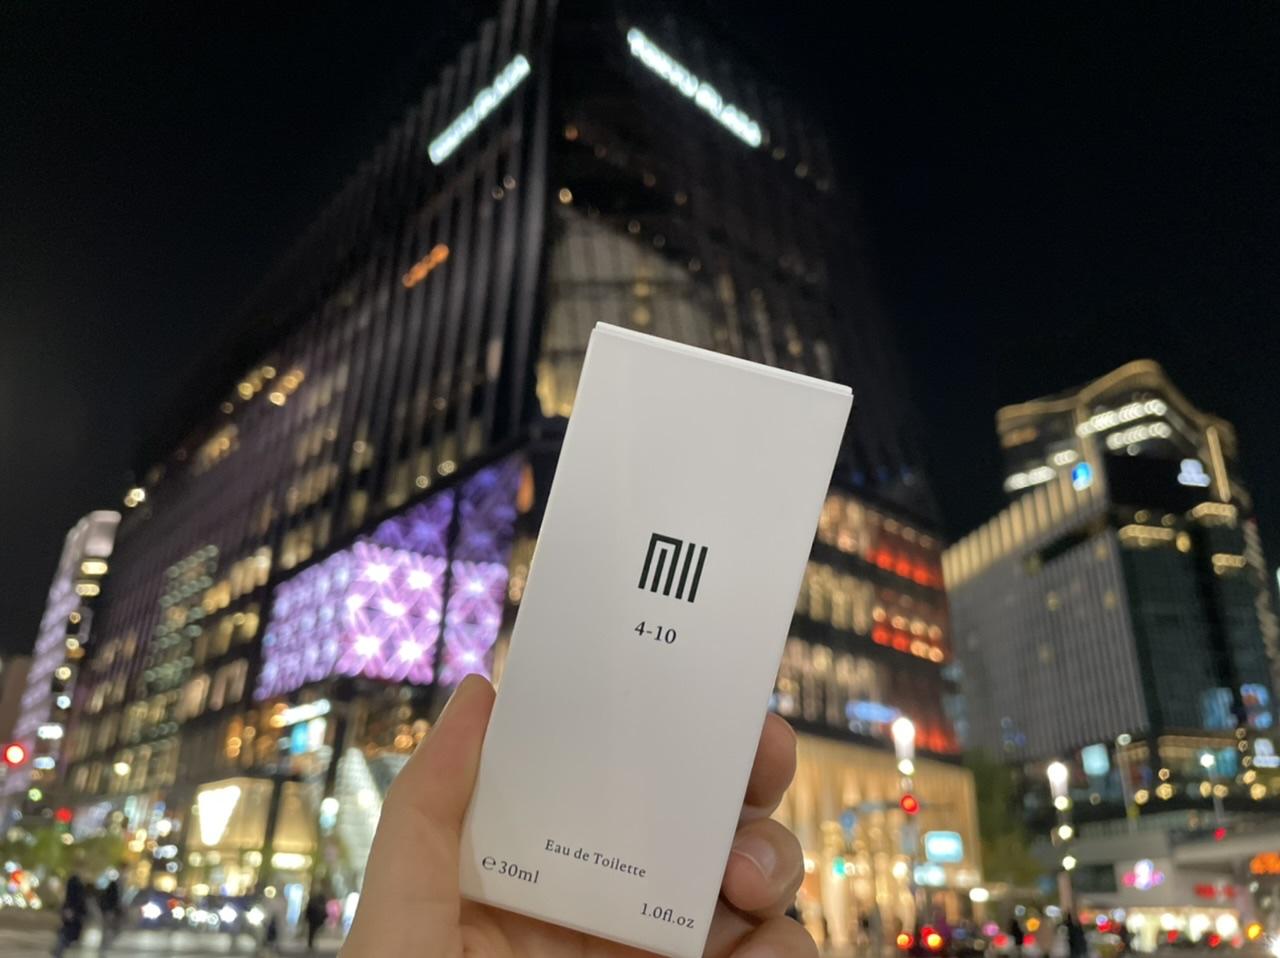 【香水】日本人のために作られた香水ブランド《çanoma》が日本初上陸!_1